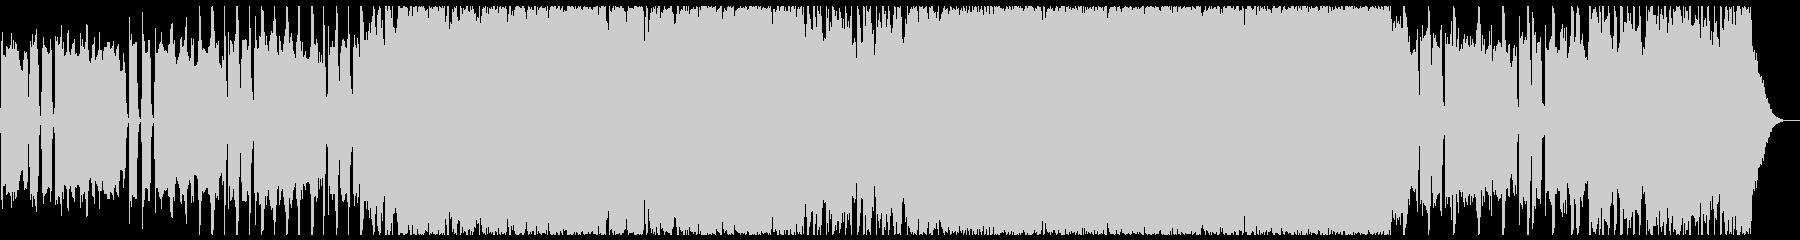 攻撃的で激しいヘビーなロック-60秒の未再生の波形